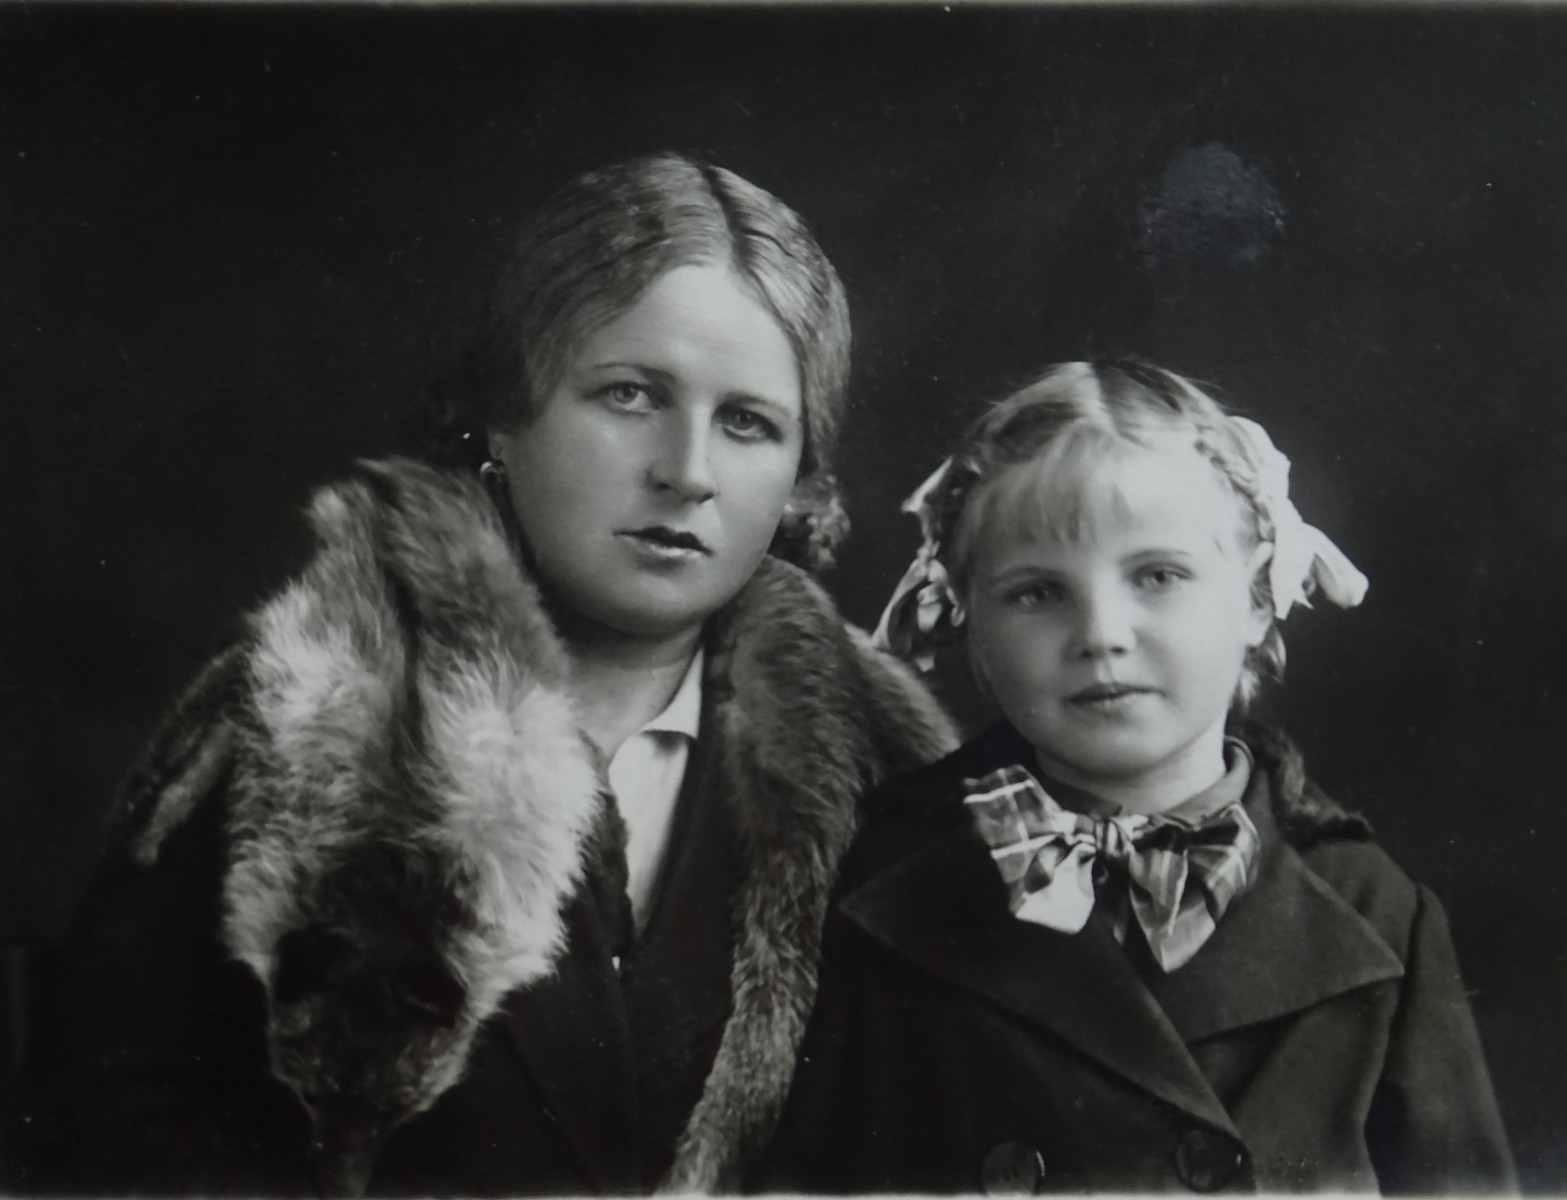 Экспонат #16. Мария Дмитриевна и Людмила Доронины. Фрунзе, 1939 год